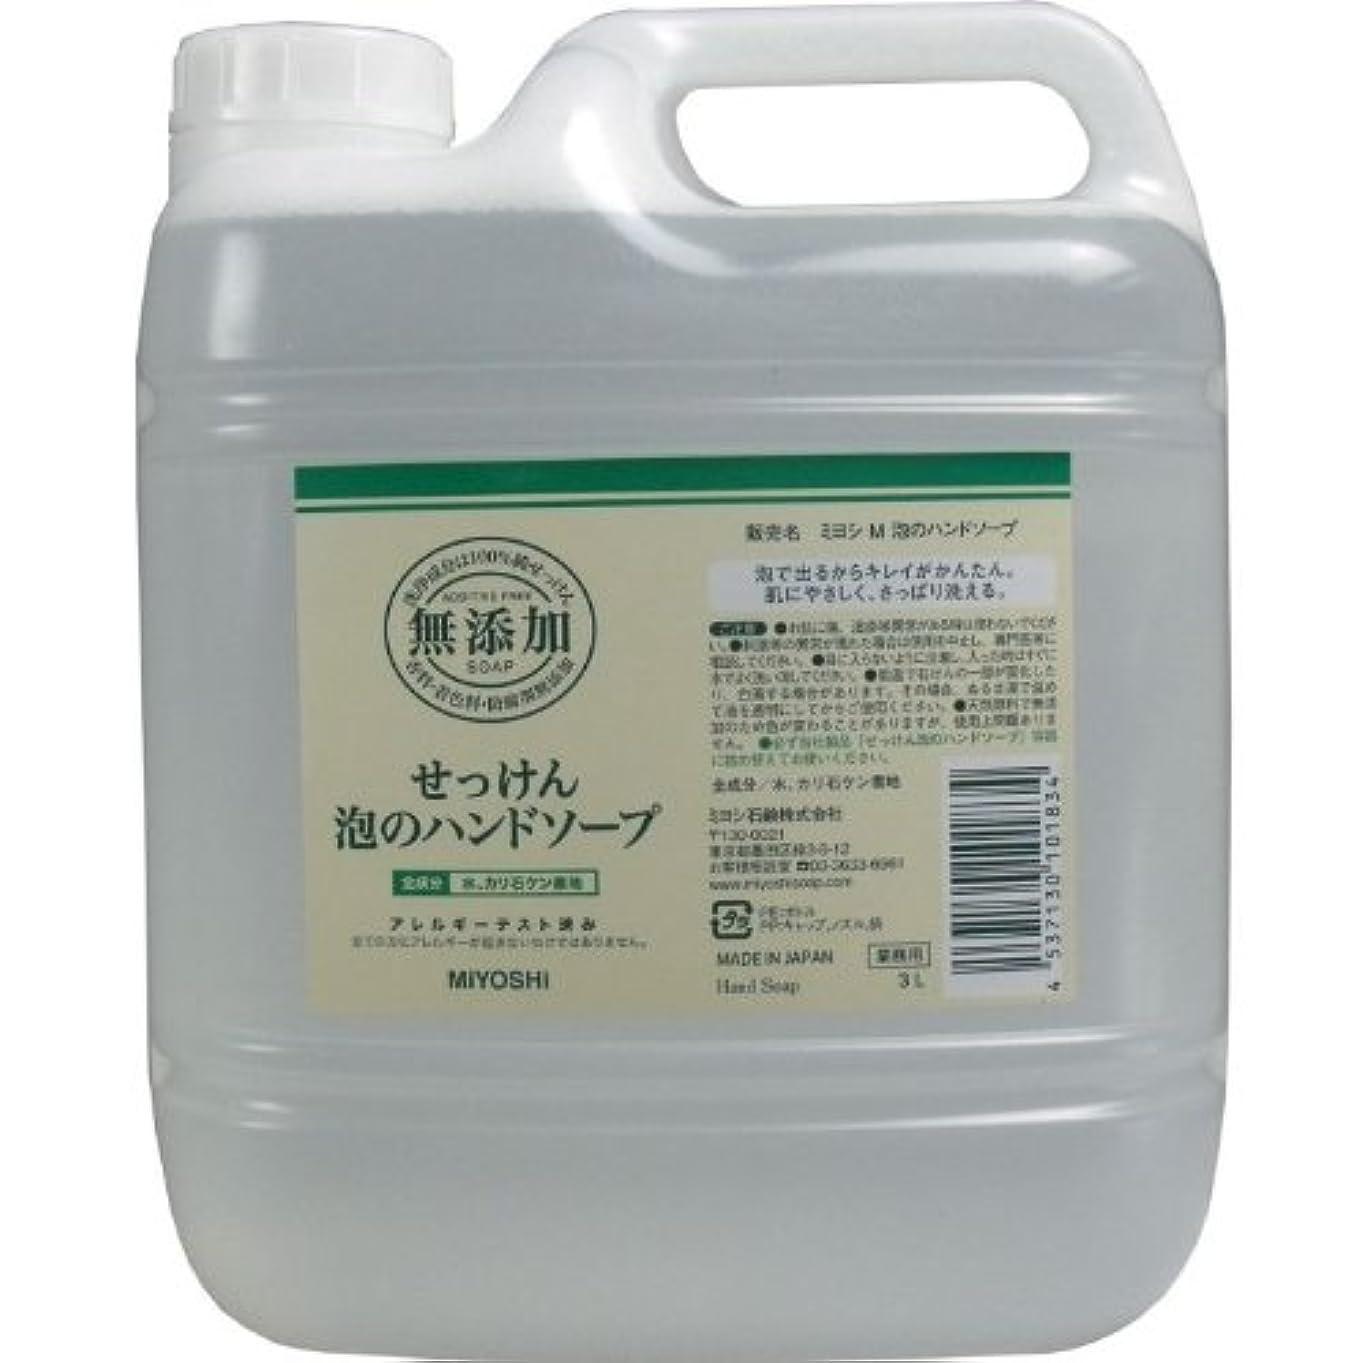 呼び出すこだわり動作泡で出るからキレイが簡単!家事の間のサッと洗いも簡単!香料、着色料、防腐剤無添加!(業務用)3L【4個セット】